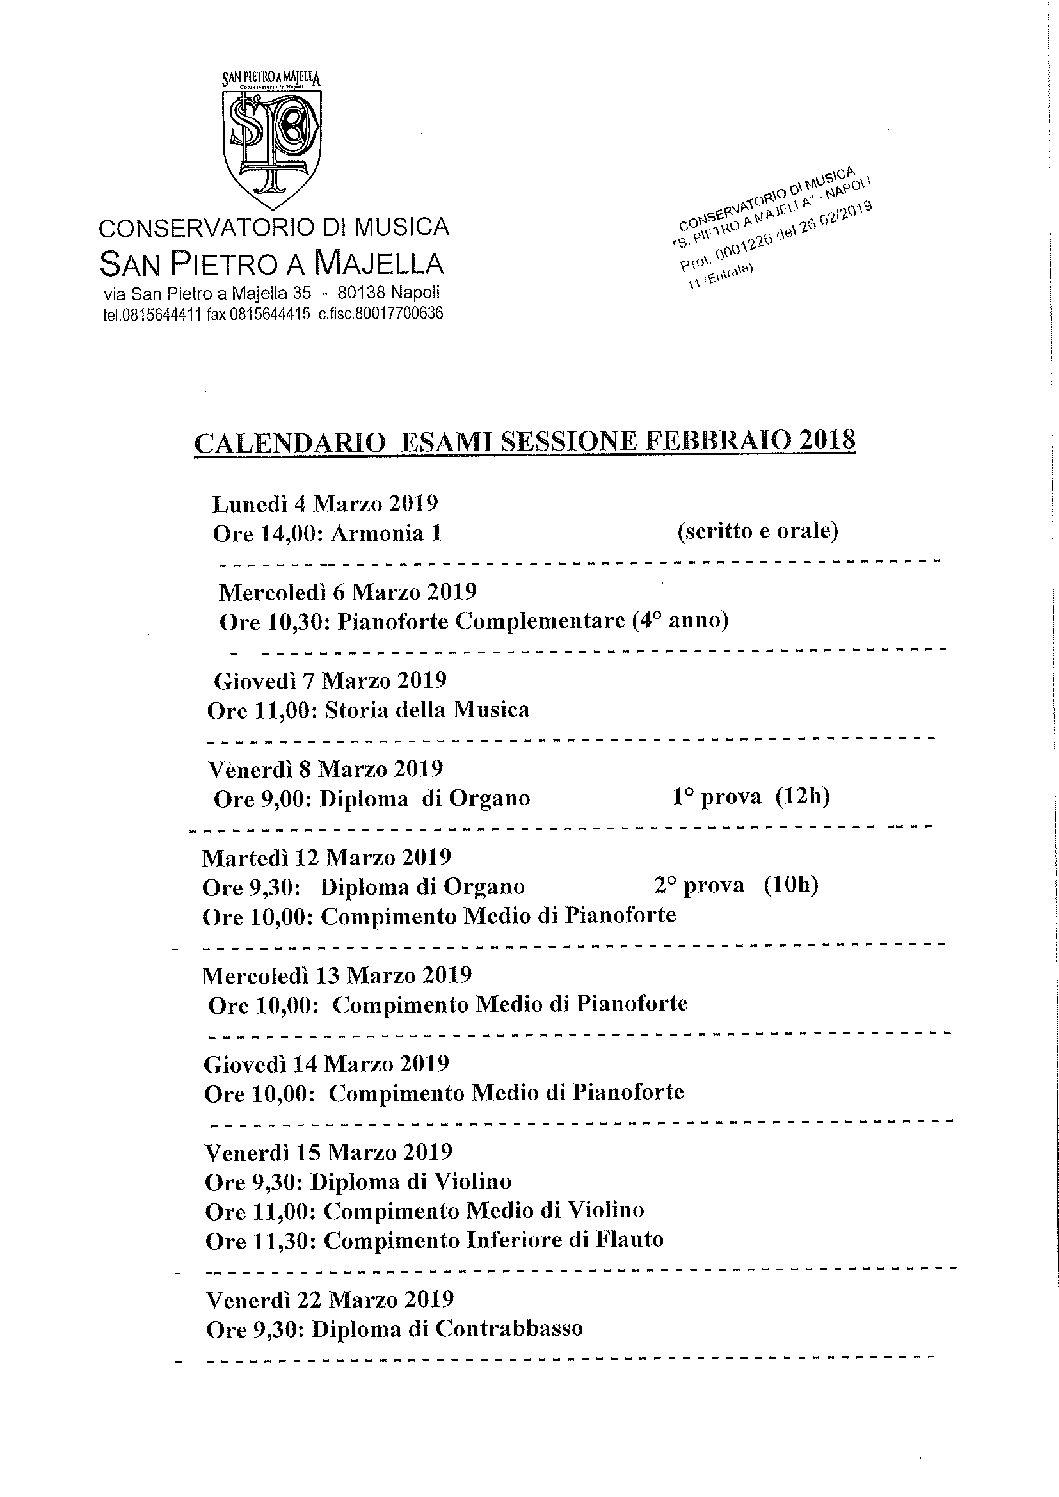 Calendario Esami.Calendario Esami Sessione Febbraio 2018 Conservatorio Di